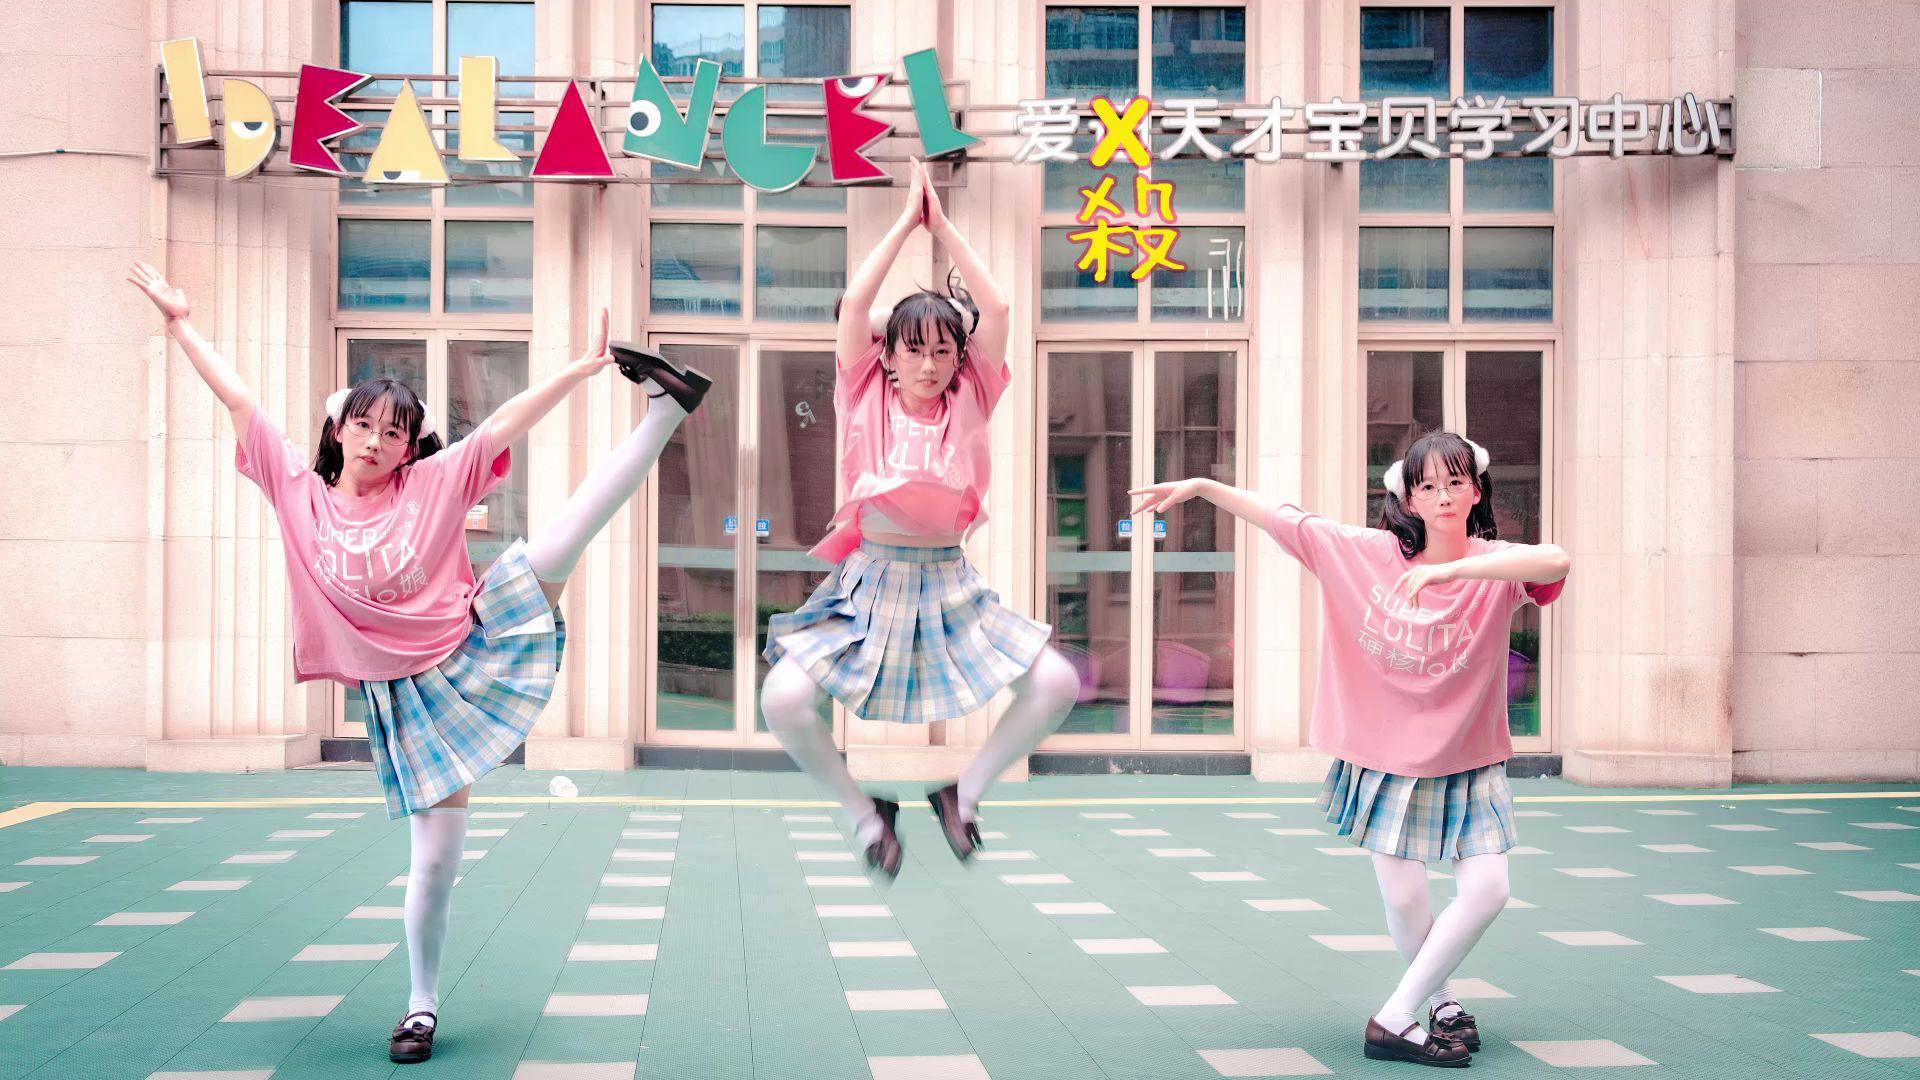 【蝌蚪】【爱杀宝贝op】—震惊!!!白丝美少女居然在某早教中心门口大跳魔性之舞!